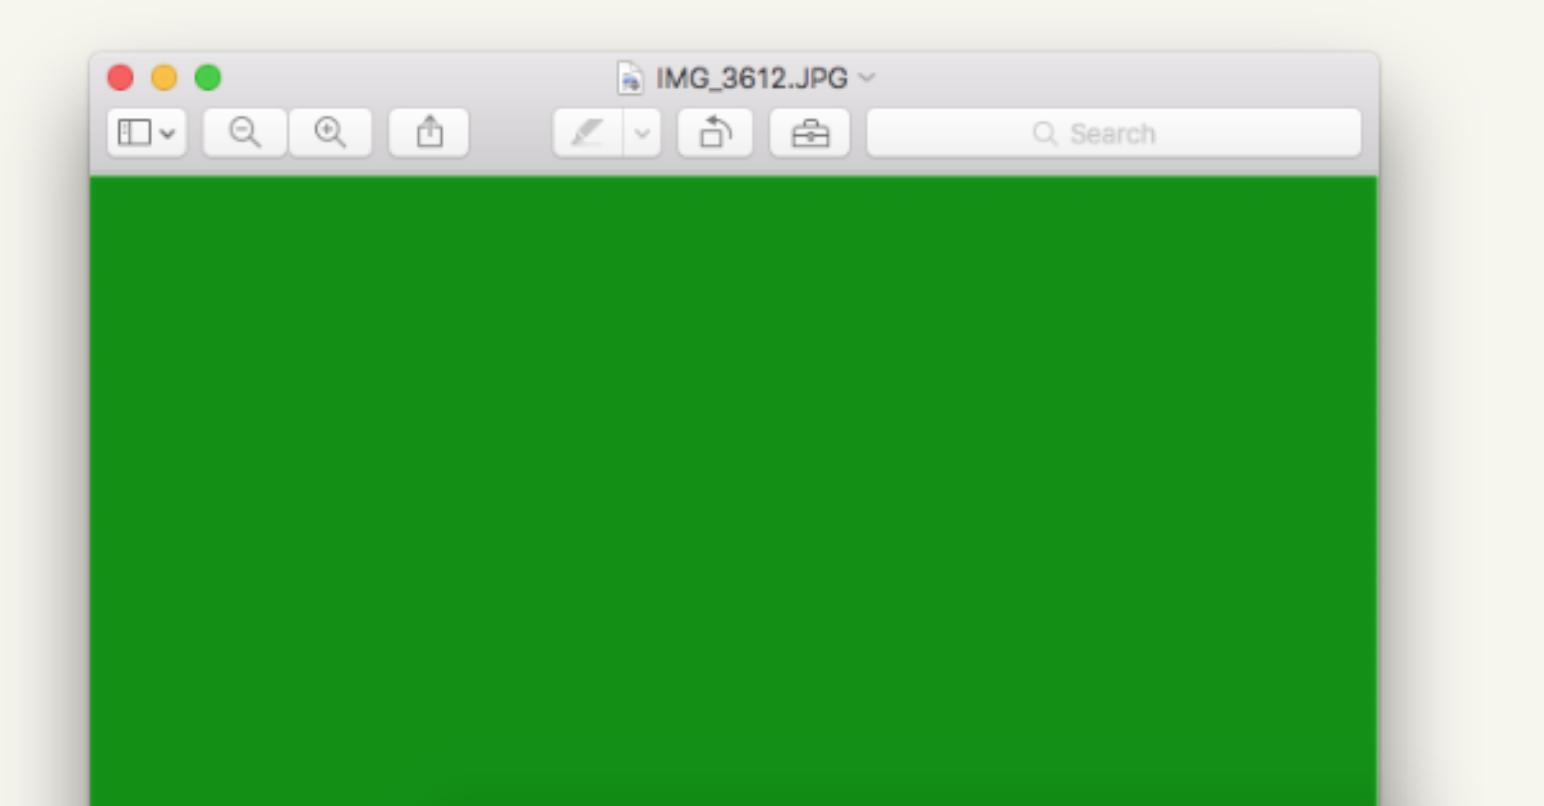 Dette var en merksnodig feil Apple, og ikke noe særlig morsomt for bildeproffer.